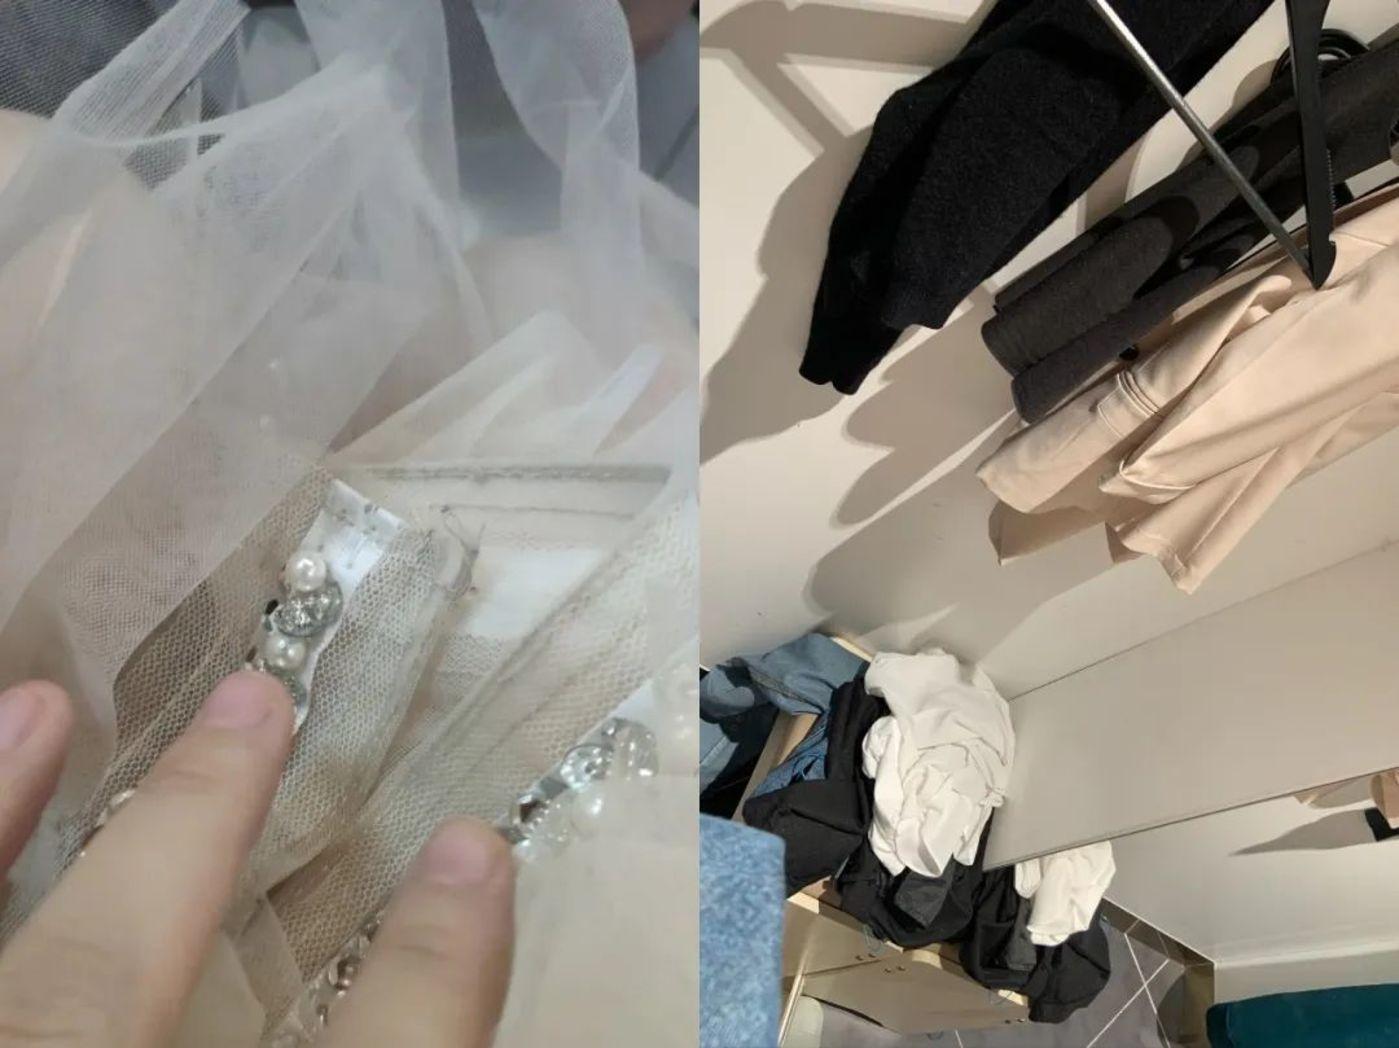 脏的服装和混乱的更衣室